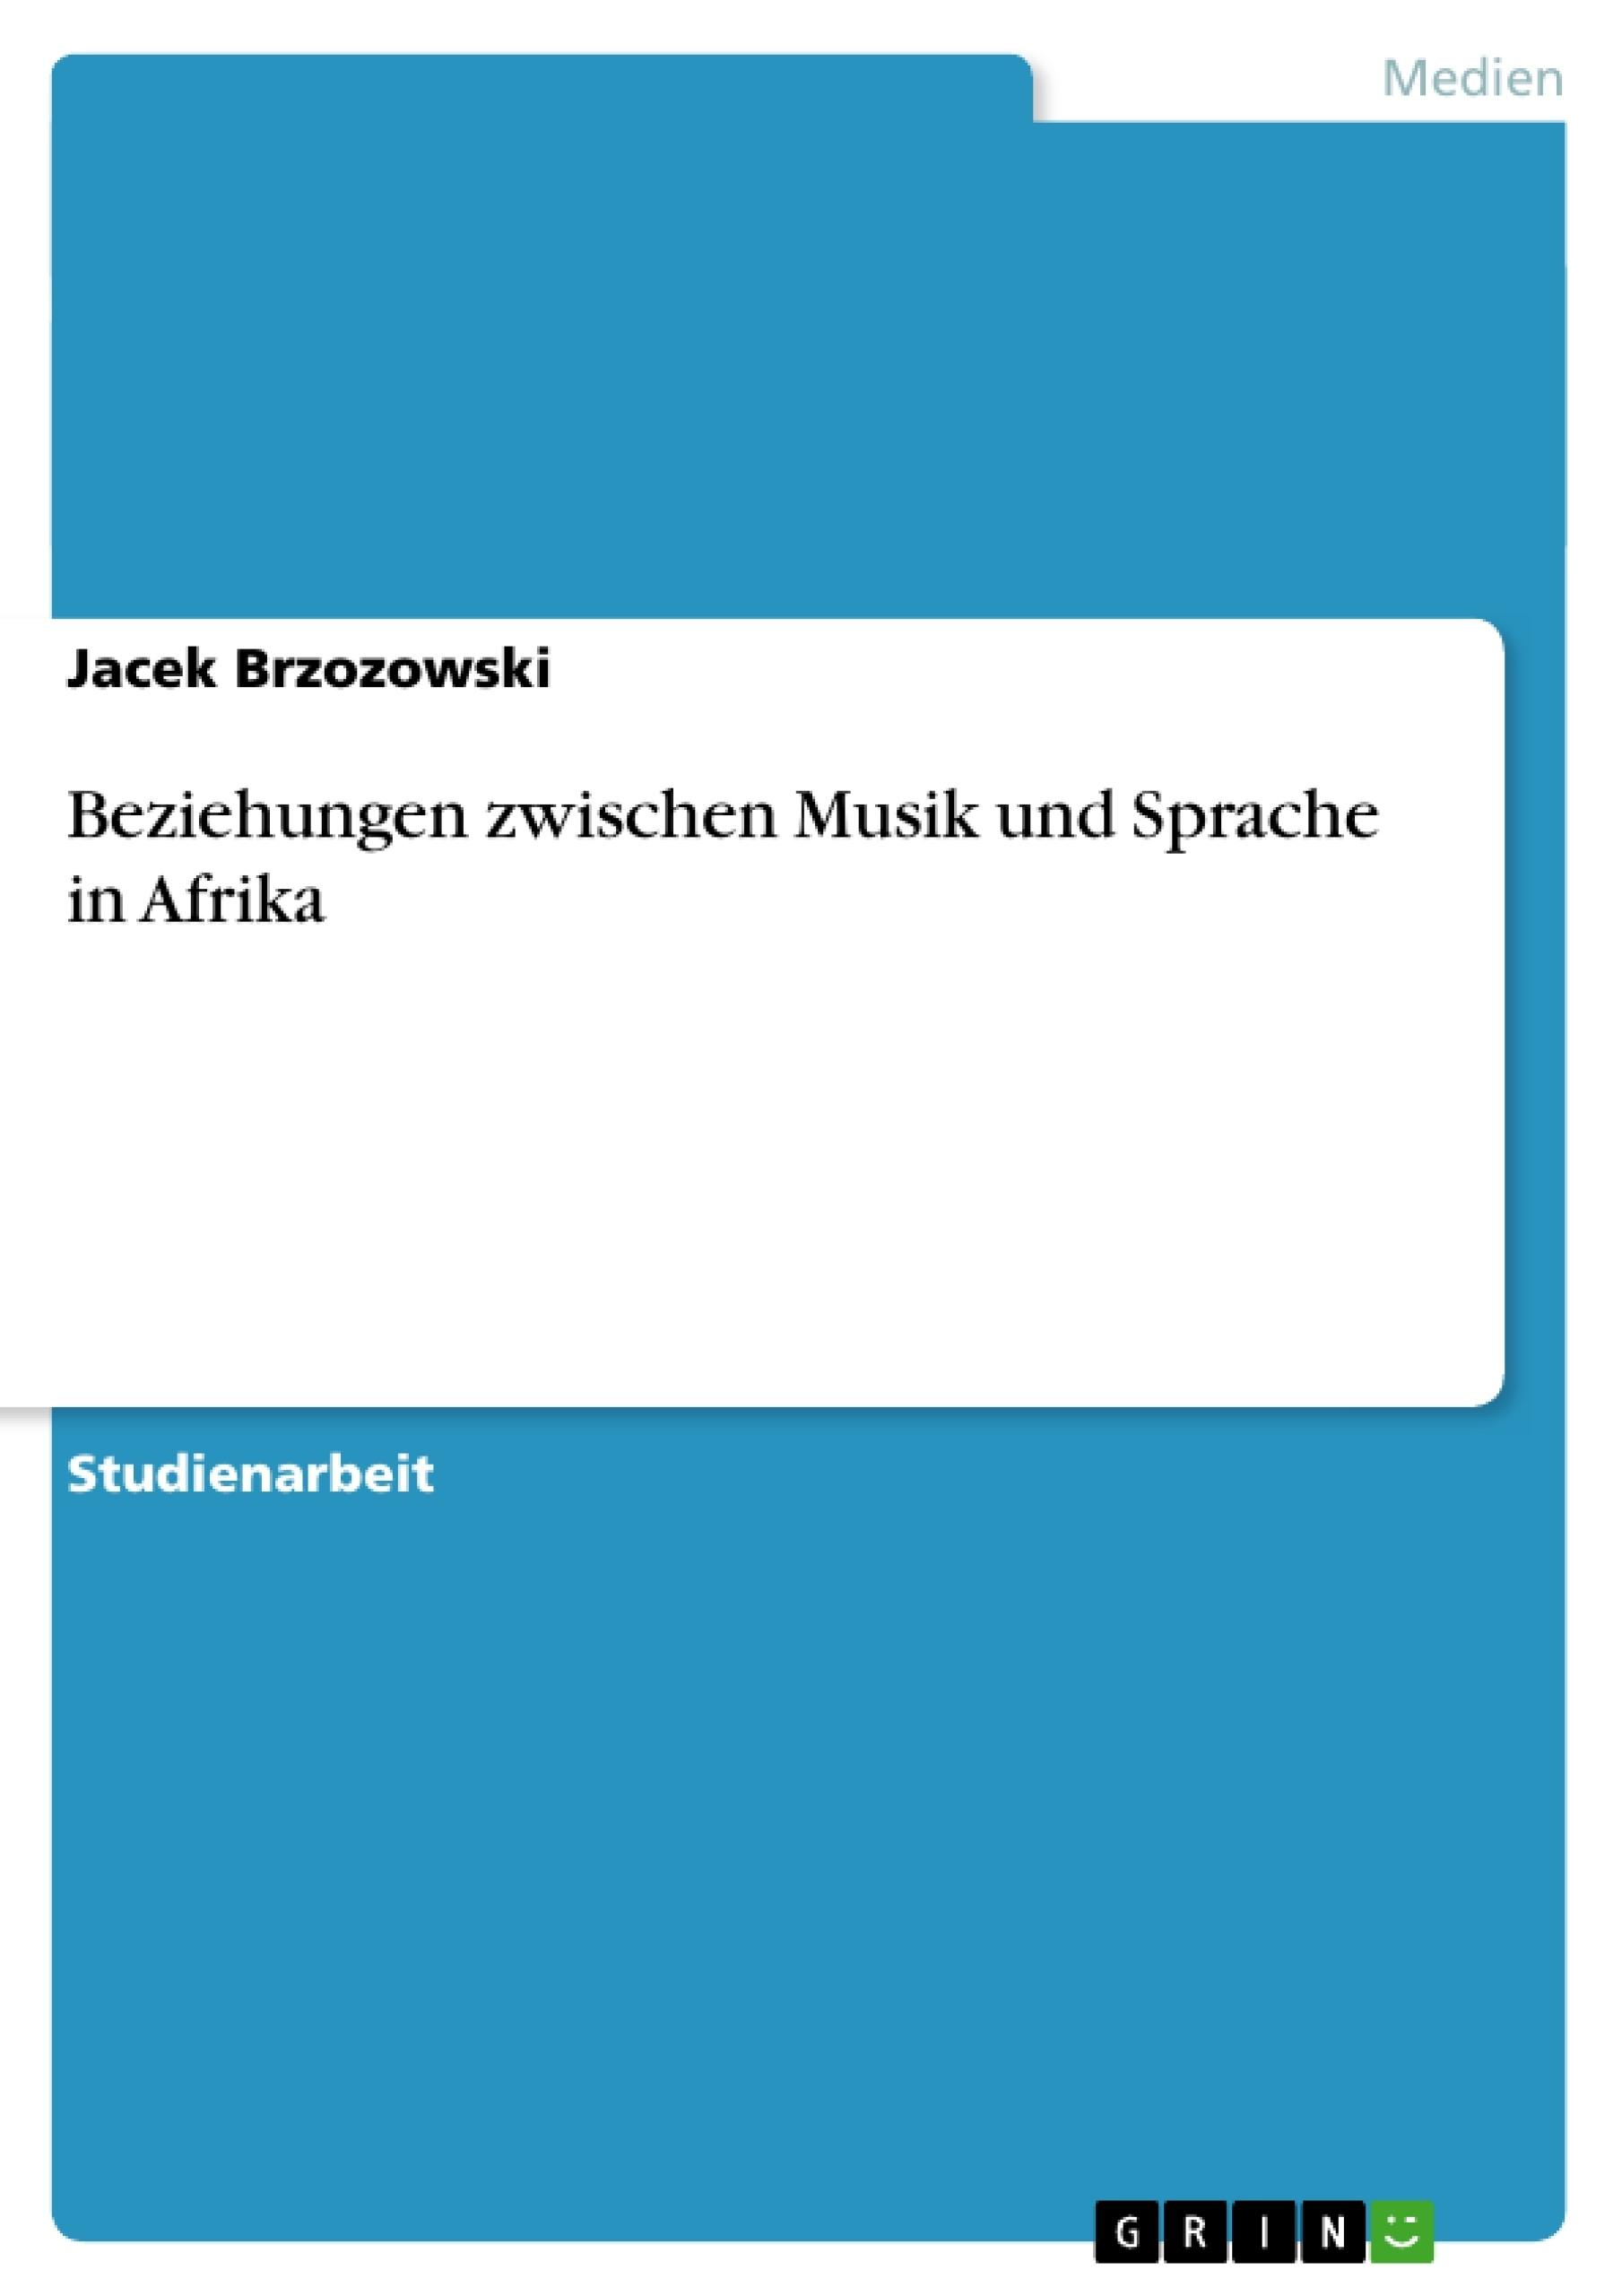 Titel: Beziehungen zwischen Musik und Sprache in Afrika